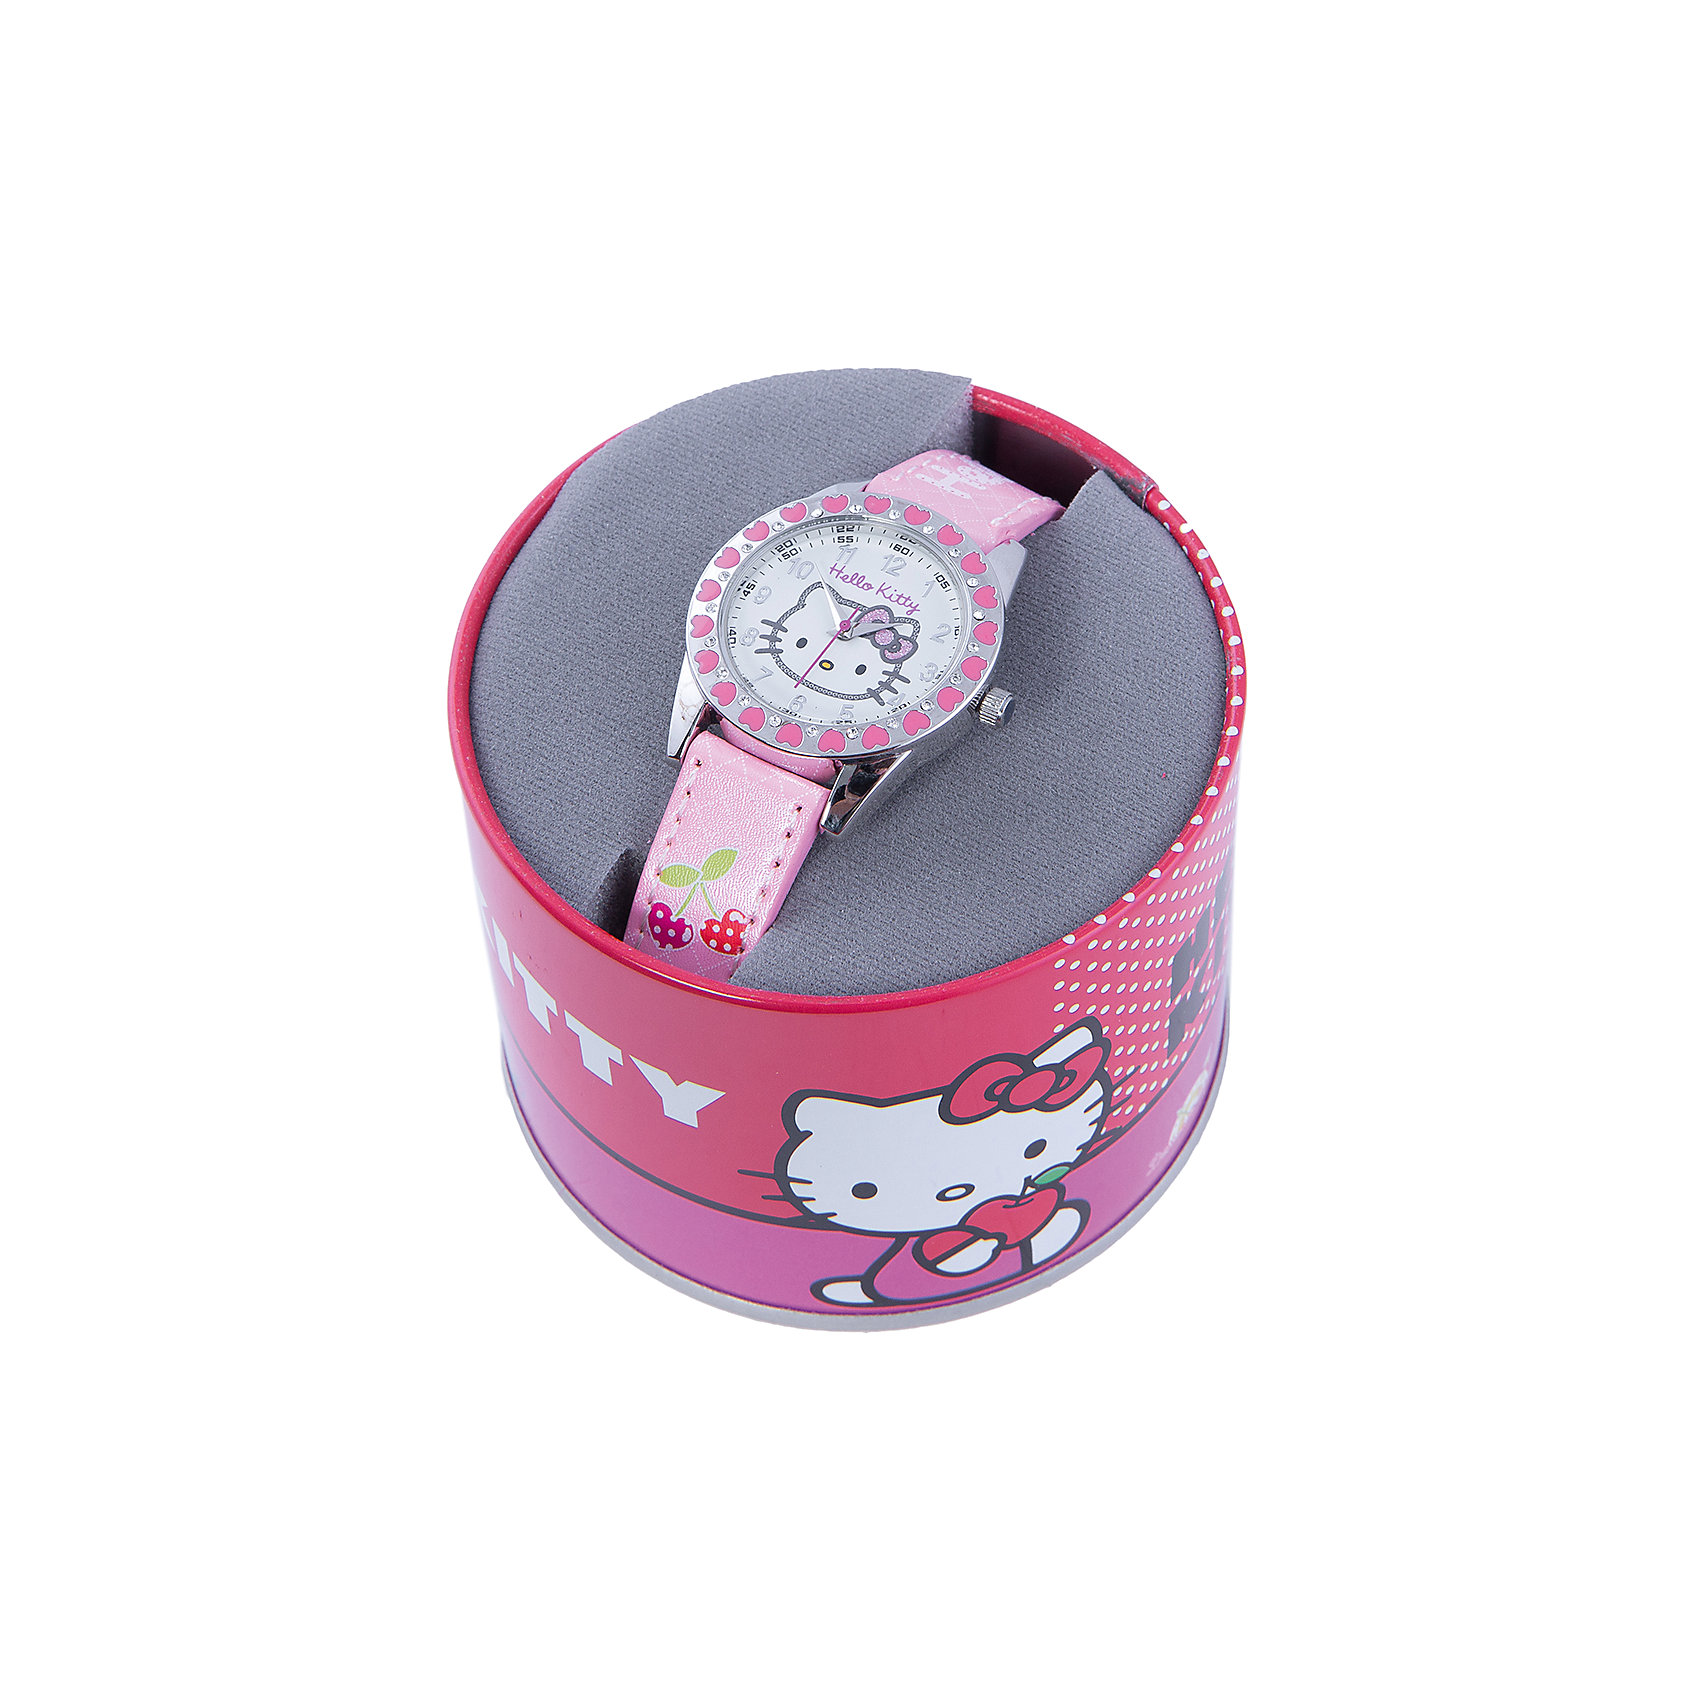 Часы наручные аналоговые, Hello KittyHello Kitty<br>Эксклюзивные наручные аналоговые часы торговой марки Hello Kitty выполнены по индивидуальному дизайну ООО «Детское Время» и лицензии компании Sanrio. Обилие деталей - декоративных элементов (страз, мерцающих ремешков), надписей,  уникальных изображений - делают изделие тщательно продуманным творением мастеров. Часы имеют высококачественный японский кварцевый механизм и отличаются надежностью и точностью хода. Часы водоустойчивы и обладают достаточной герметичностью, чтобы спокойно перенести случайный и незначительный контакт с жидкостями (дождь, брызги), но они не предназначены для плавания или погружения в воду. Циферблат защищен от повреждений прочным минеральным стеклом. Корпус часов выполнен из стали,  задняя крышка из нержавеющей стали. Материал браслета: искусственная кожа. Единица товара упаковывается в стильную подарочную коробочку. Неповторимый стиль с изобилием насыщенных и в тоже время нежных гамм; надежность и прочность изделия позволяют говорить о нем только в превосходной степени!<br><br>Ширина мм: 170<br>Глубина мм: 157<br>Высота мм: 67<br>Вес г: 117<br>Возраст от месяцев: 36<br>Возраст до месяцев: 2147483647<br>Пол: Женский<br>Возраст: Детский<br>SKU: 4424069